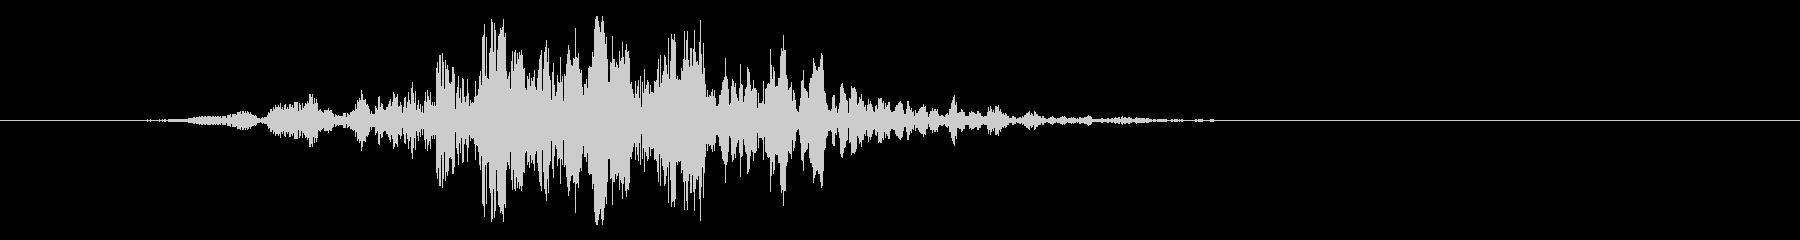 スロースイングのフーシー、フォリーの未再生の波形